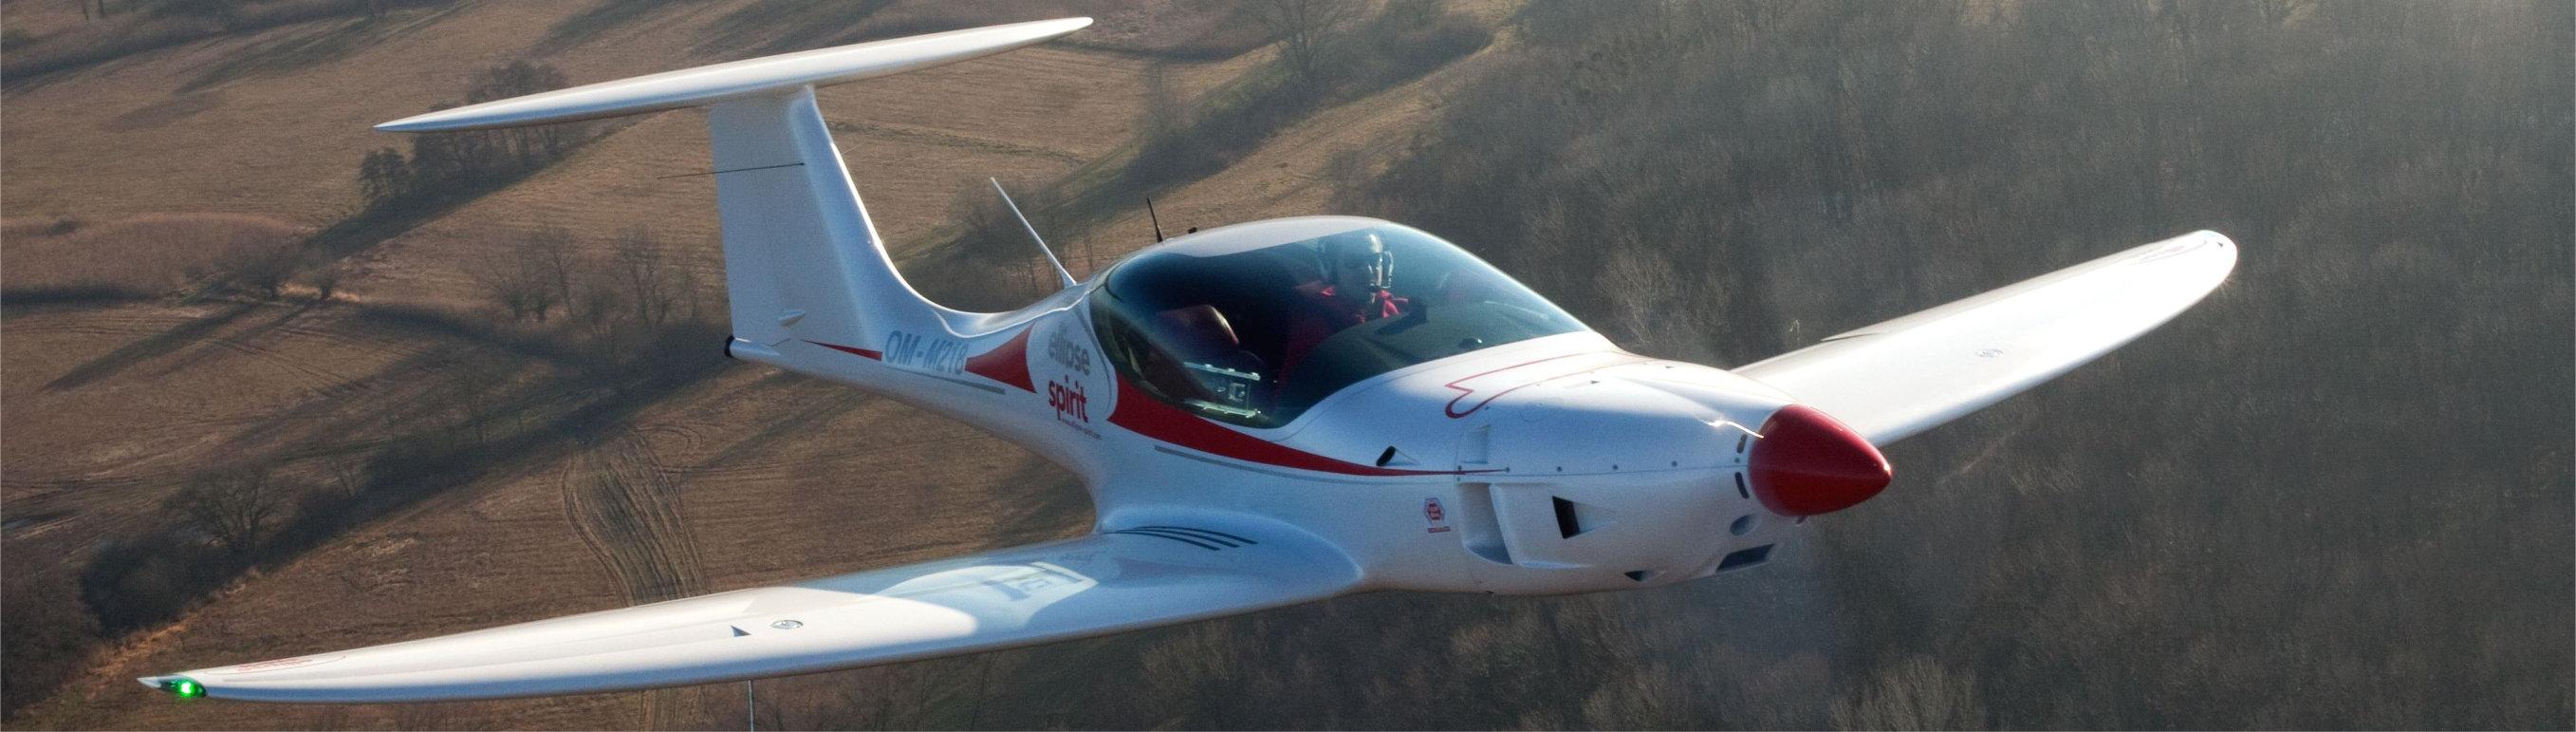 A2 Ellipse Spirit UL mit 600 kg Zulassung